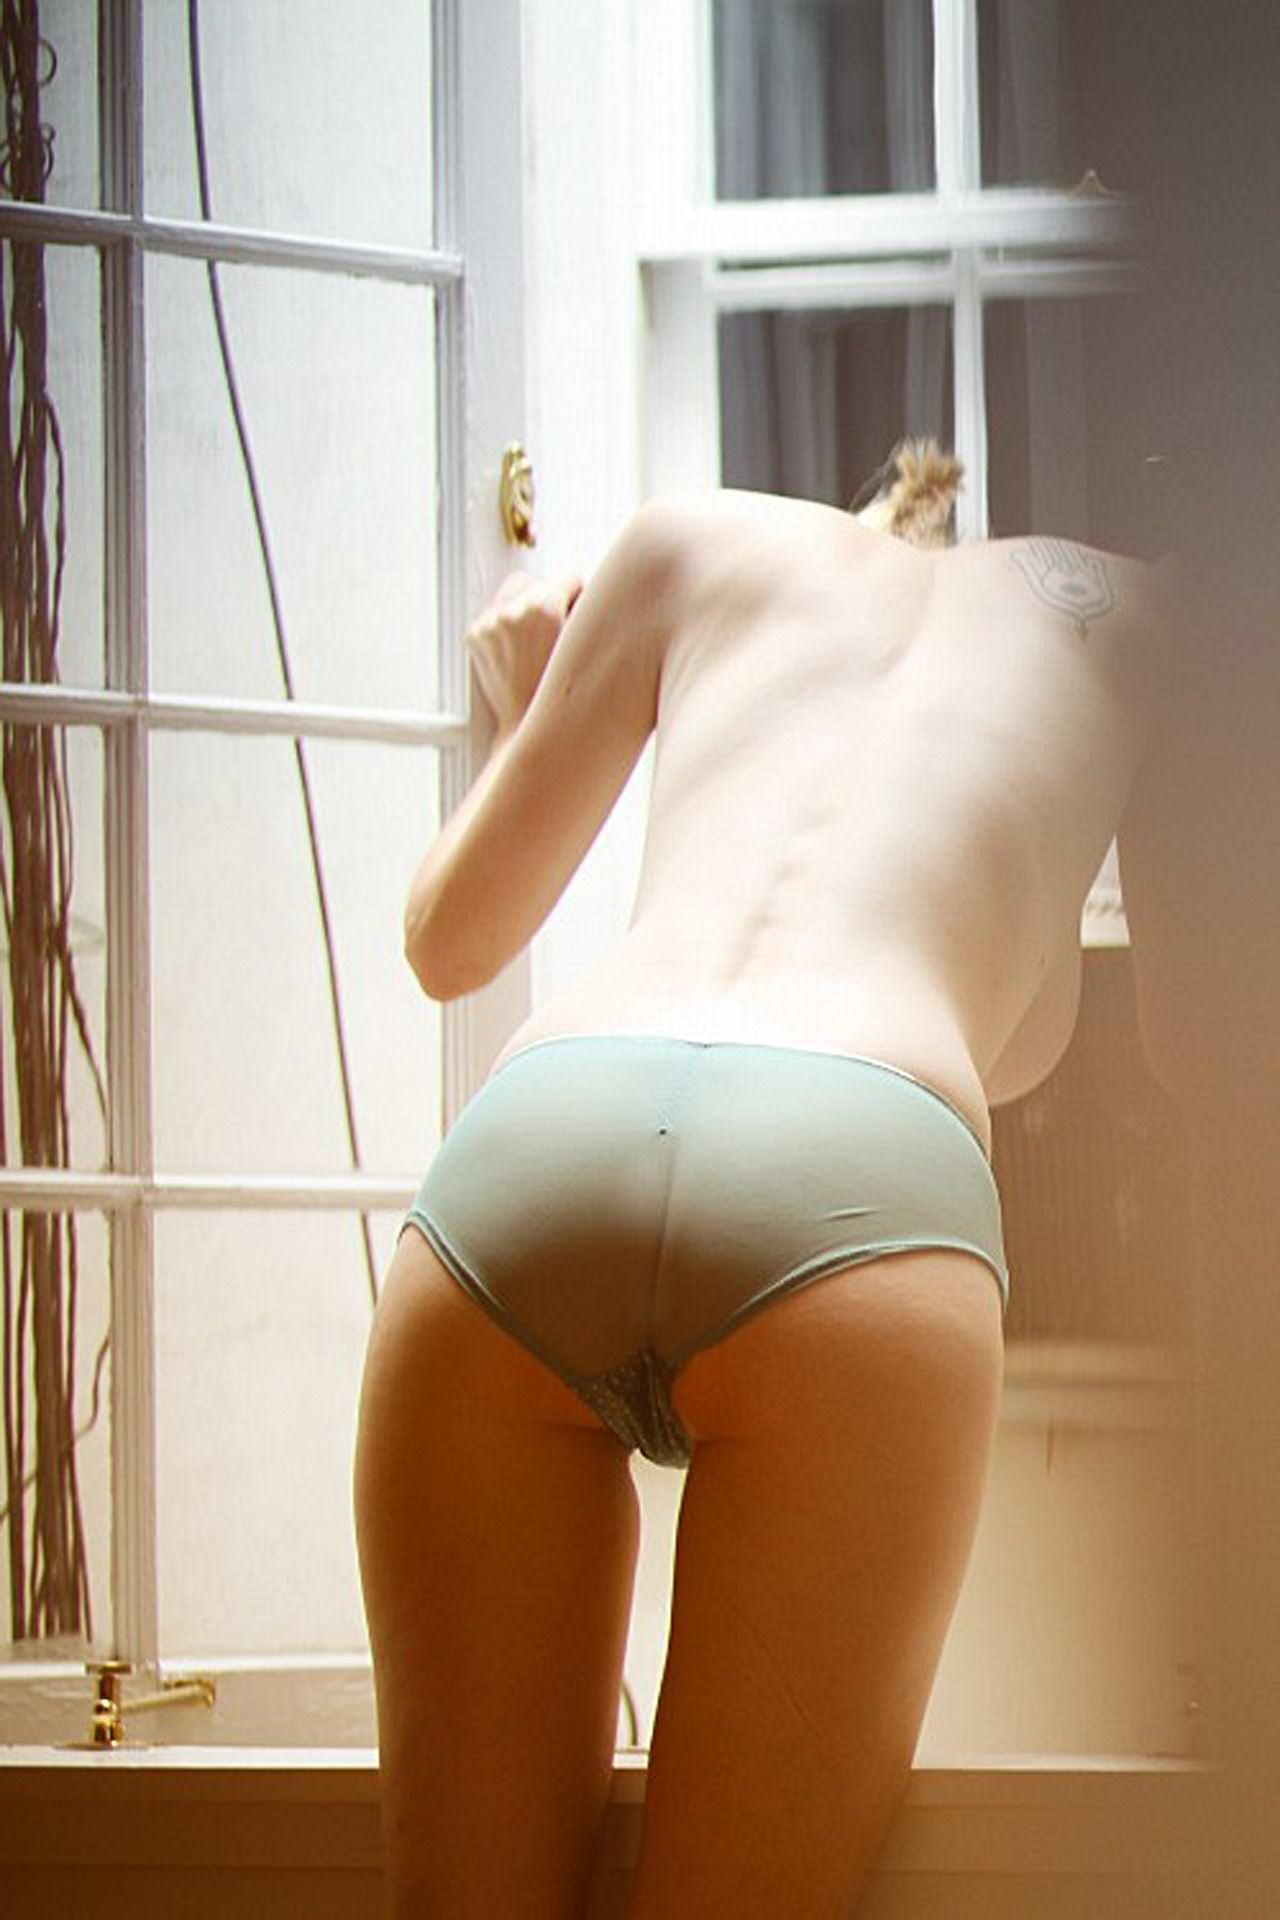 【外人】人気写真家ジョー·ウェナーの隠し撮り系アートのポルノ画像 24133